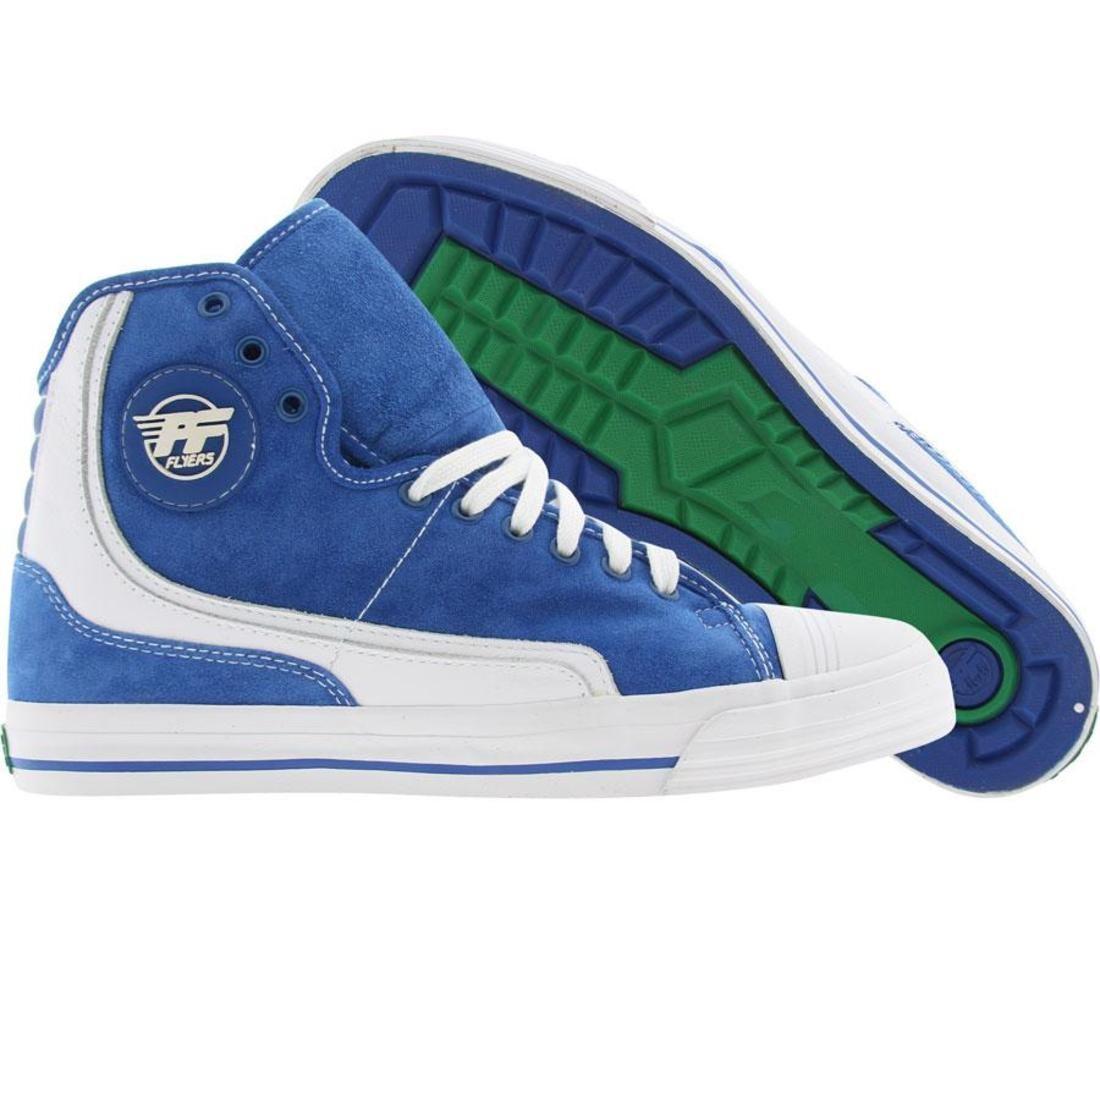 【海外限定】グライド メンズ靴 靴 【 PF FLYERS GLIDE BLUE WHITE 】